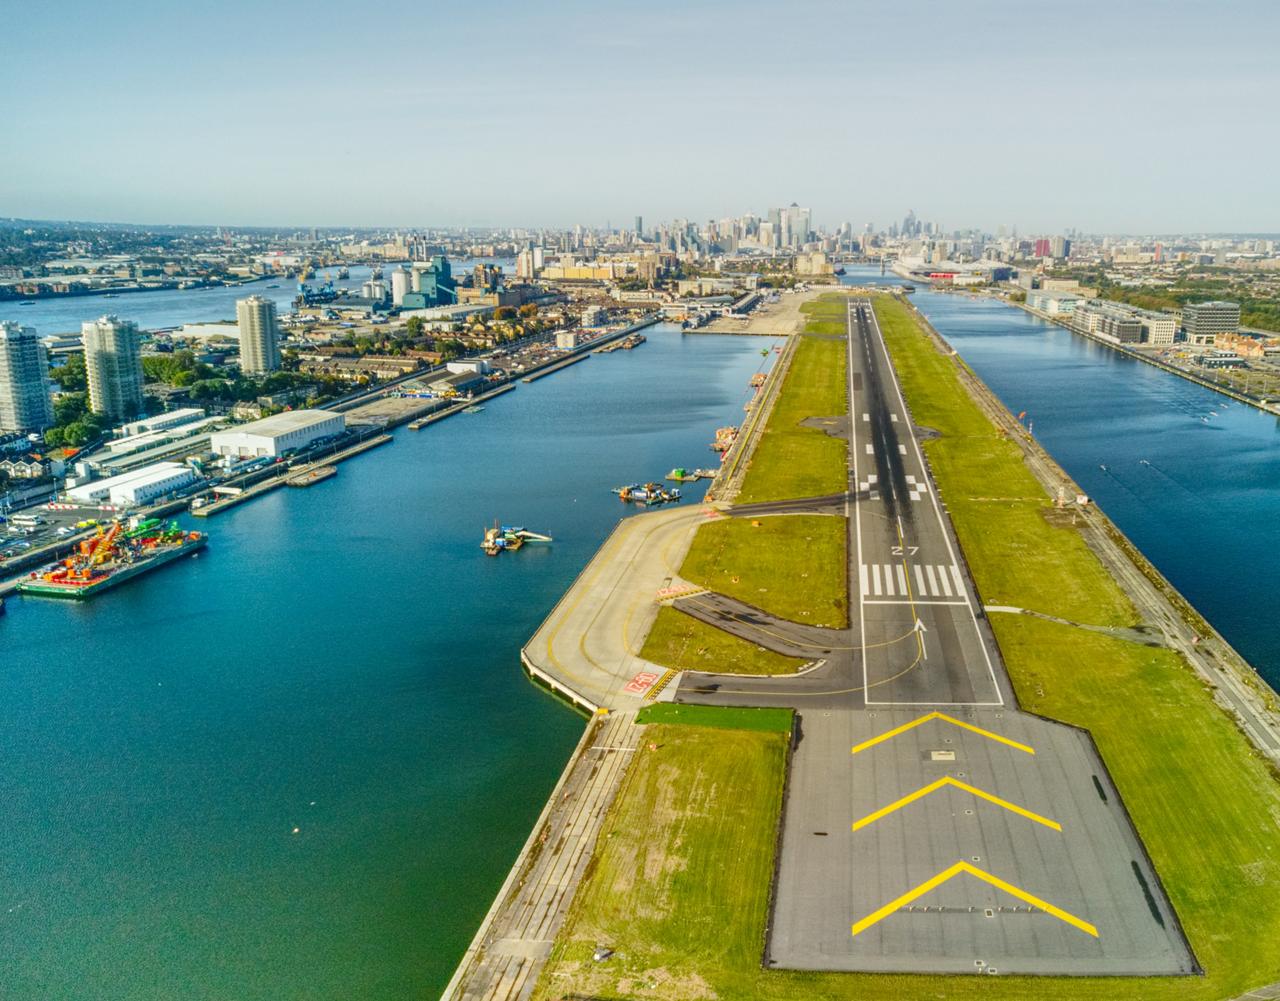 London Airport Runway 1